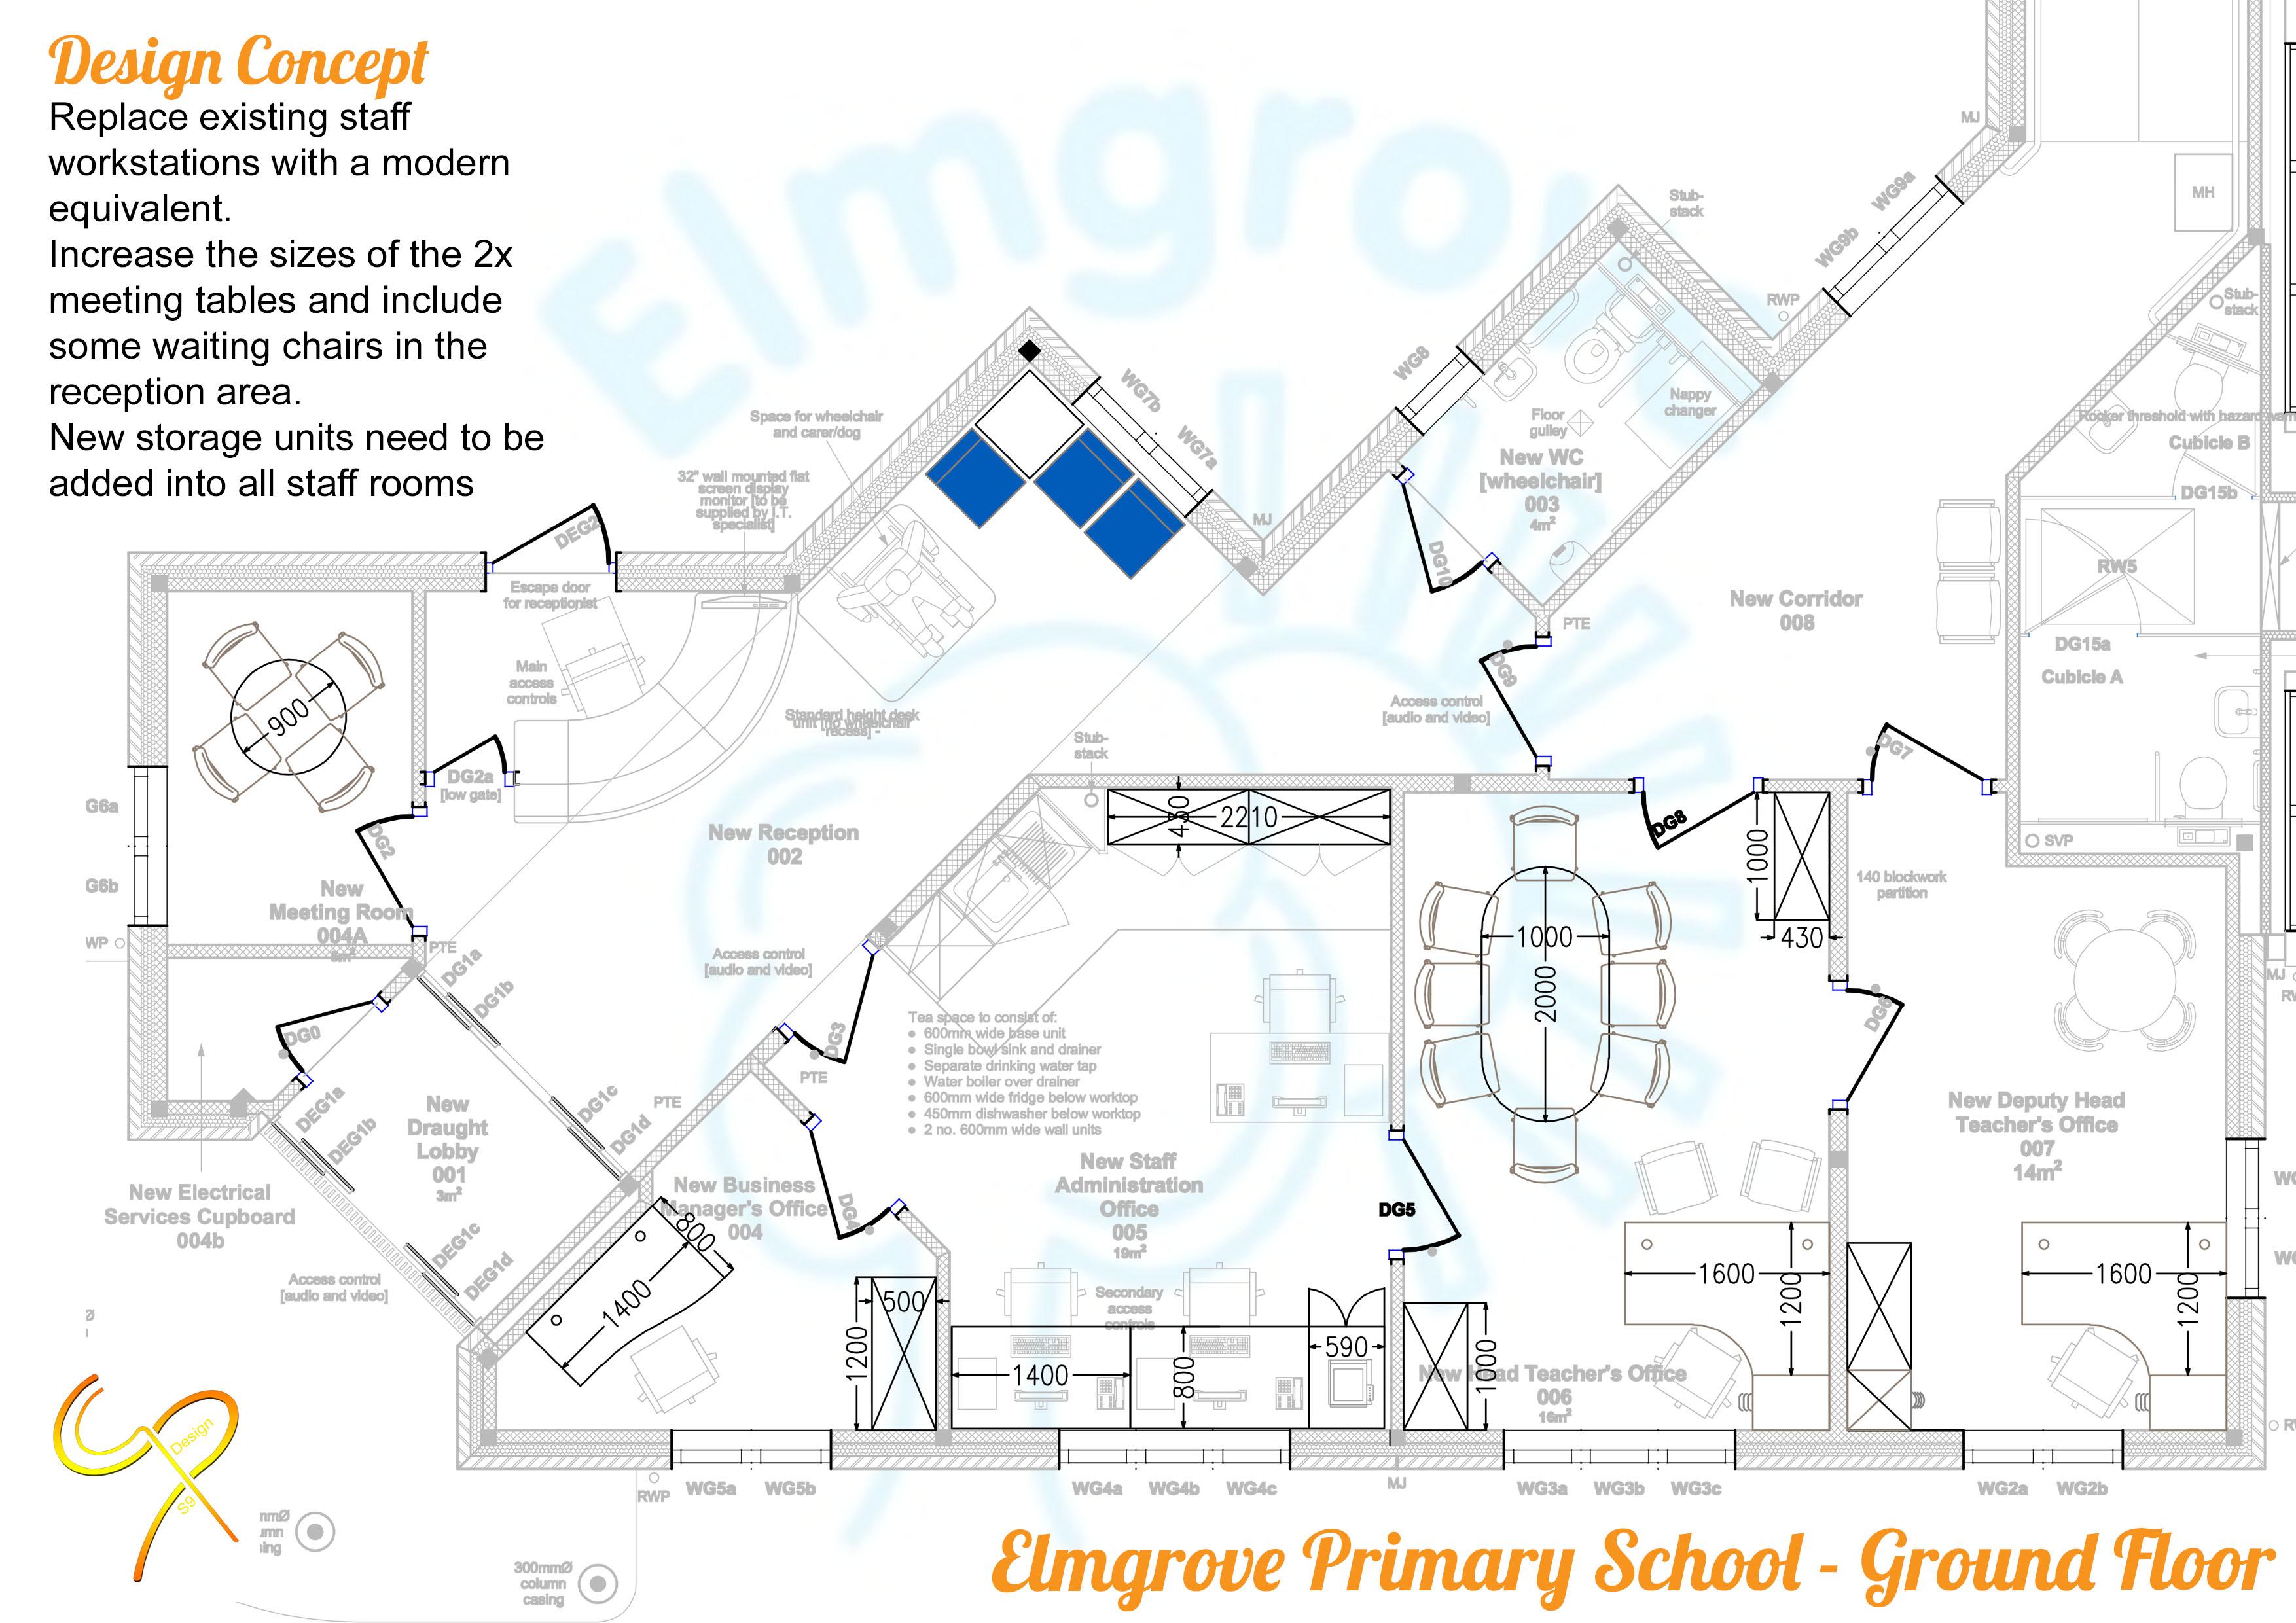 Elmsgrove Primary School - Ground Floor